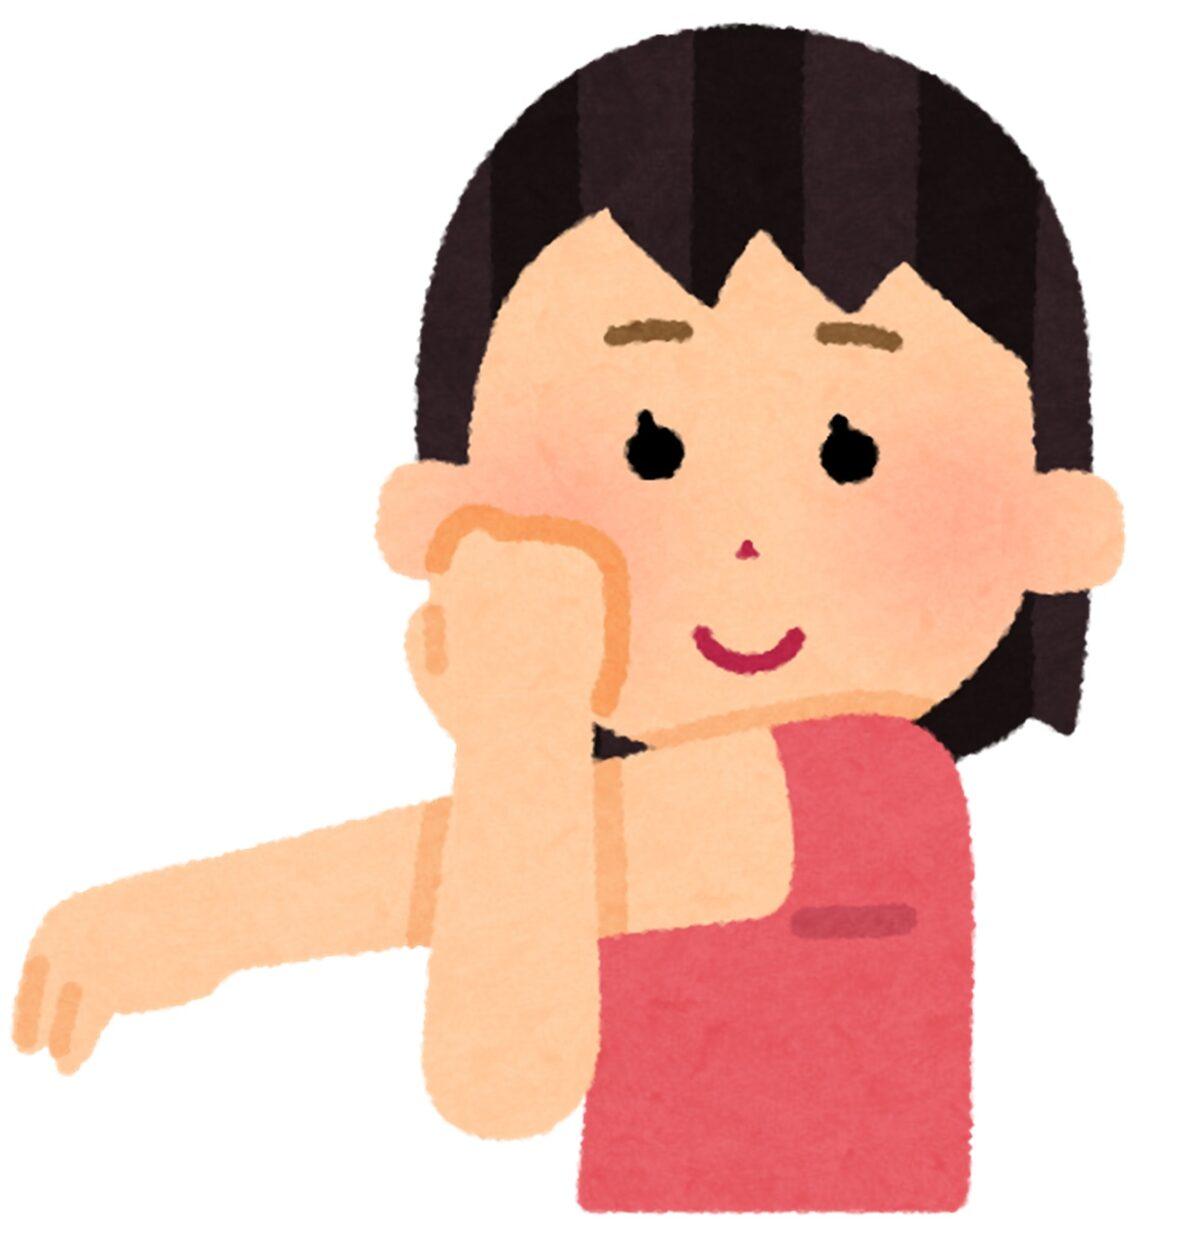 【イベント】2021.7/19(月)開催予定☆大阪狭山市・イスに座ってリラックス♪『呼吸を感じるストレッチ体操♪』が開催されます!@まちのリビング「すきいま」※予約不要: